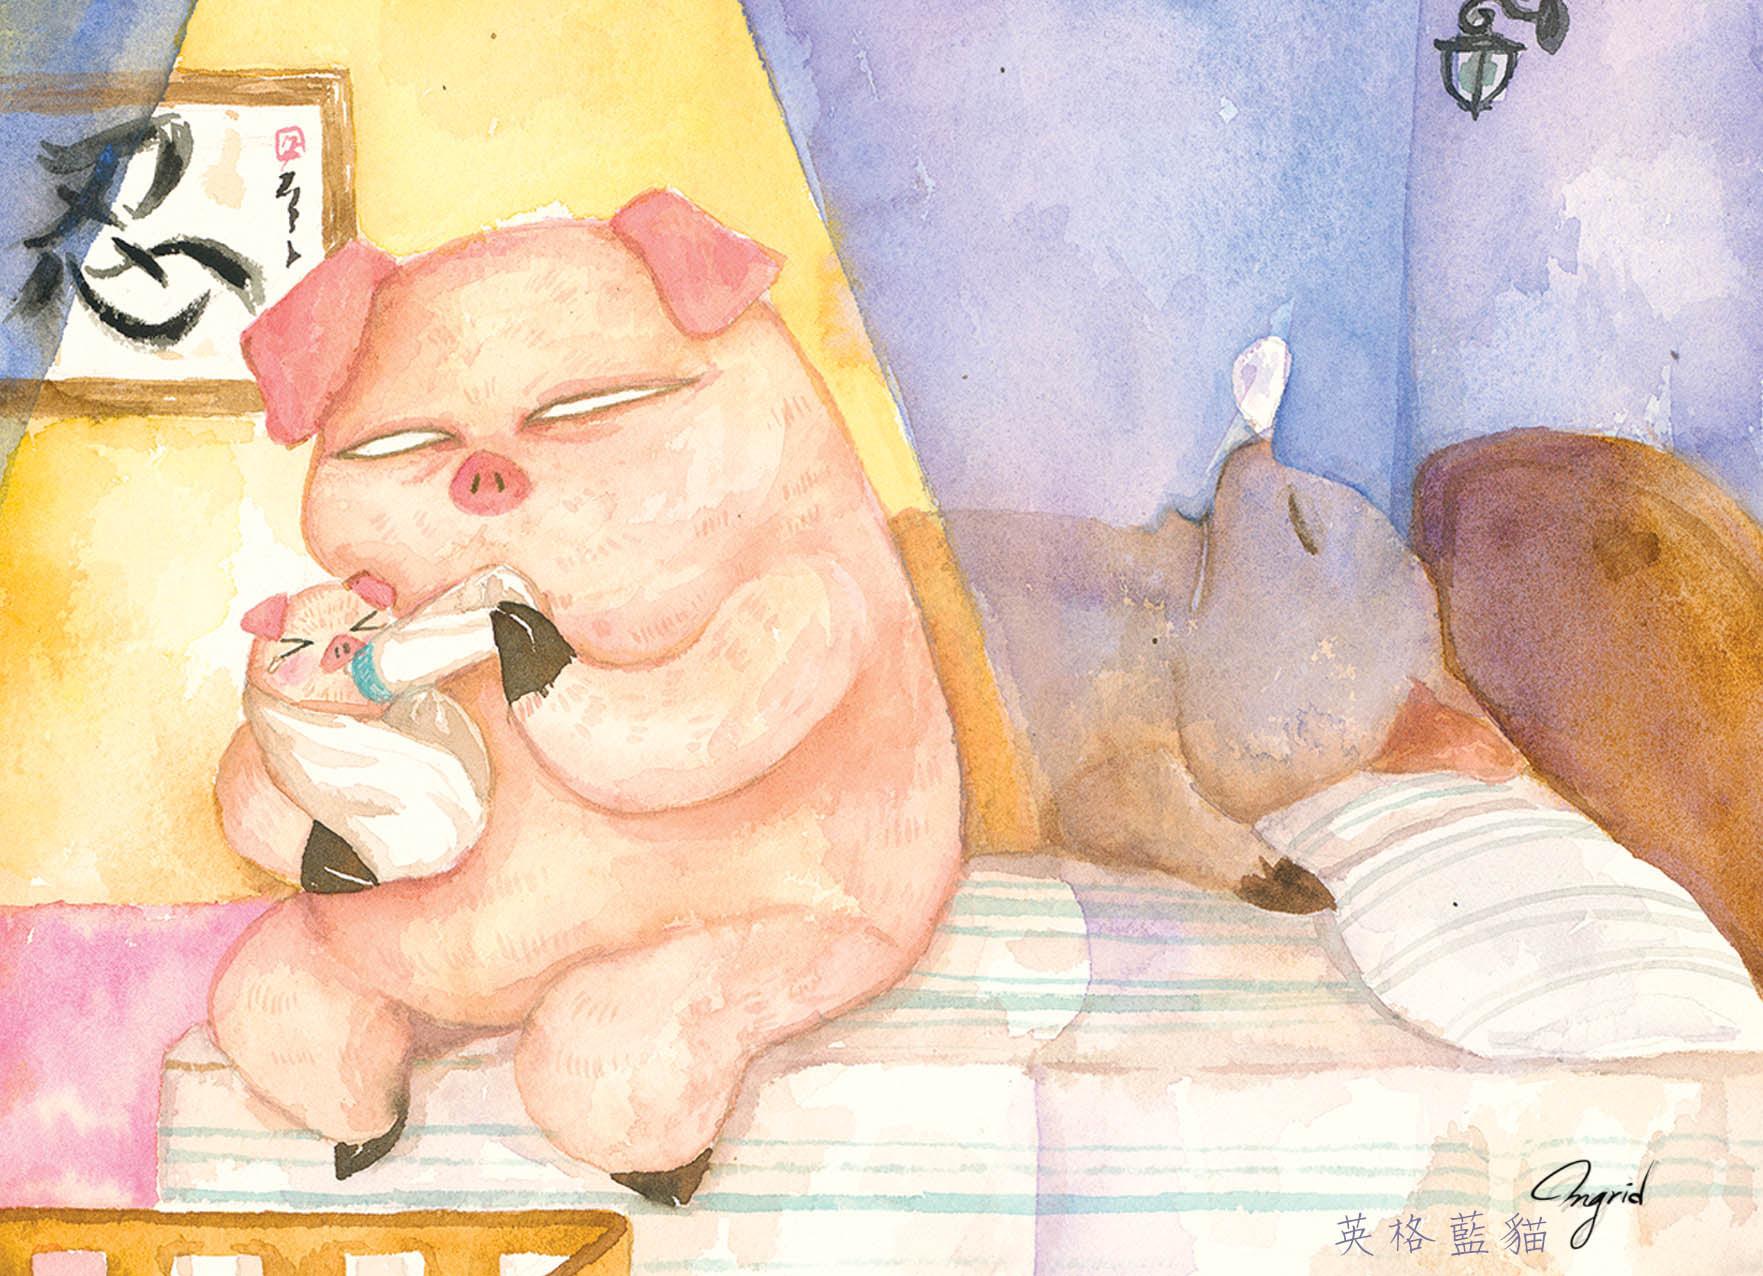 台灣 插畫師 前動畫師 Ingrid 英格藍貓 水彩 療癒 媽媽崩潰的日常 豬 餵奶